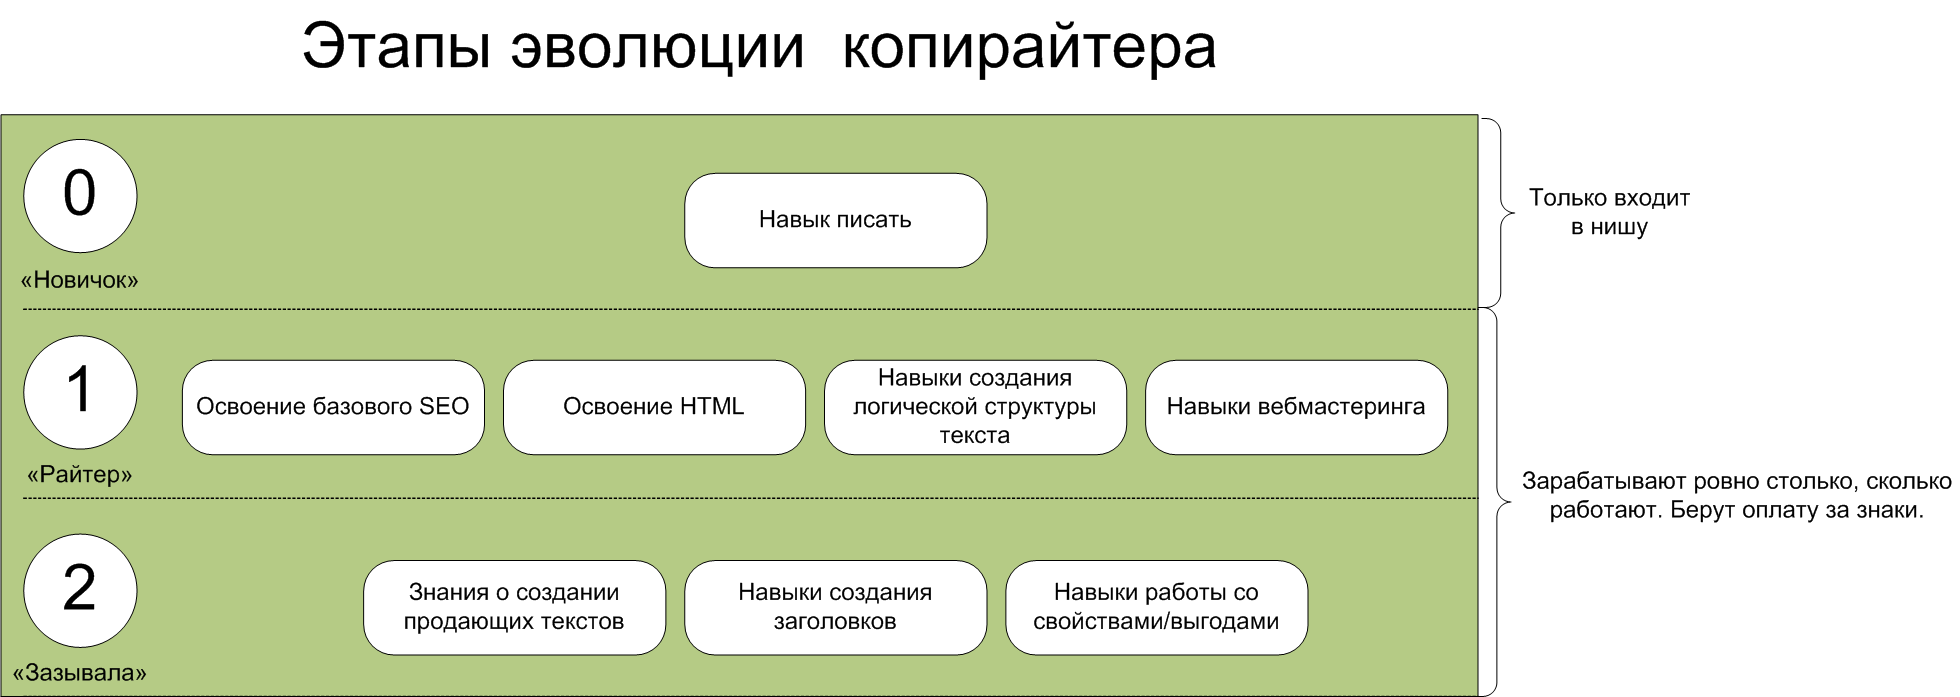 Новичок-копирайтер